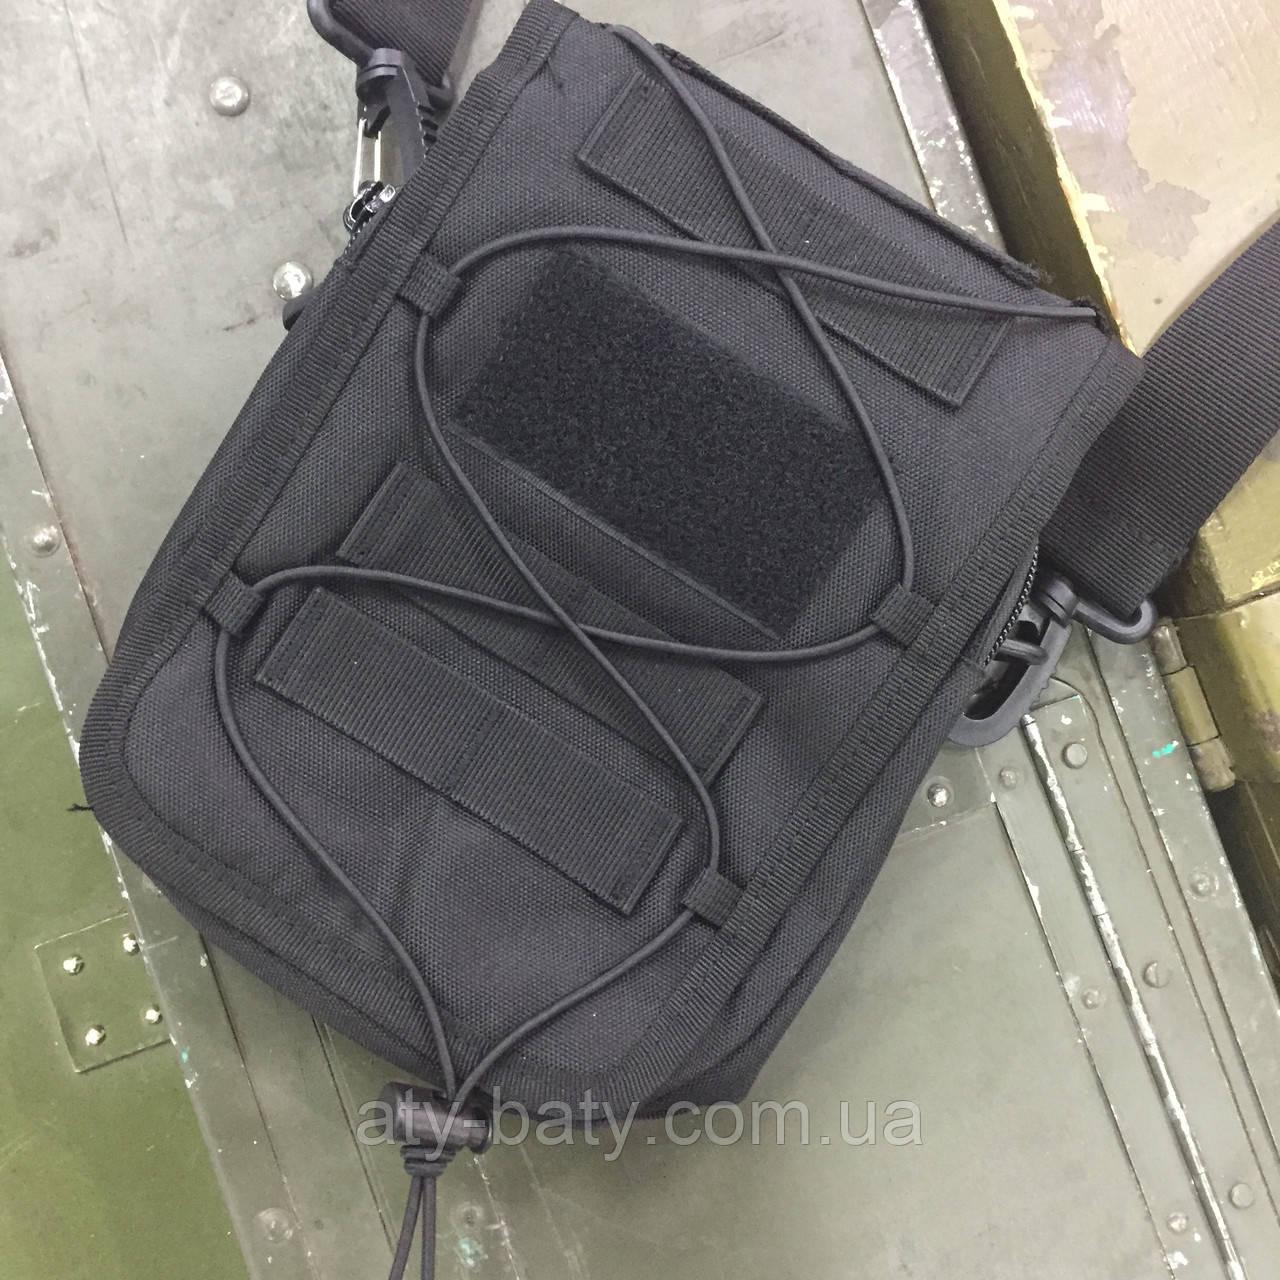 Сумка Protector Plus K320 (Black)